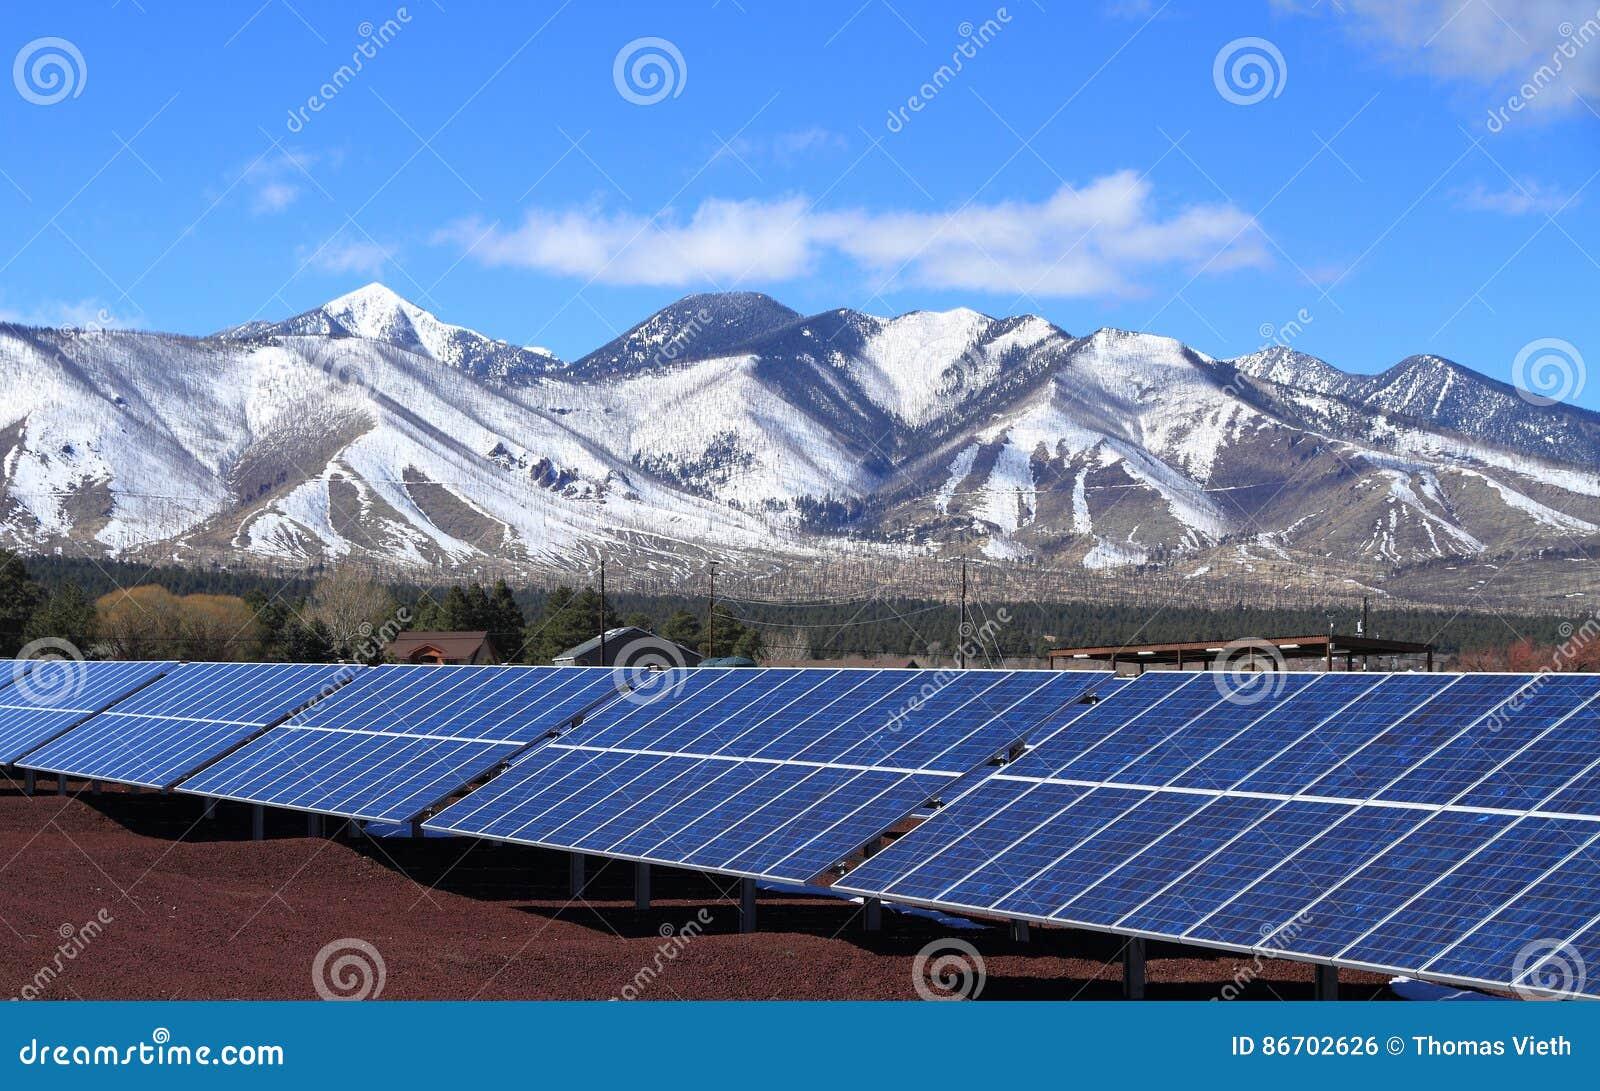 Centrale solaire au pied de San Francisco Peaks - hampe de drapeaux, Arizona/USA